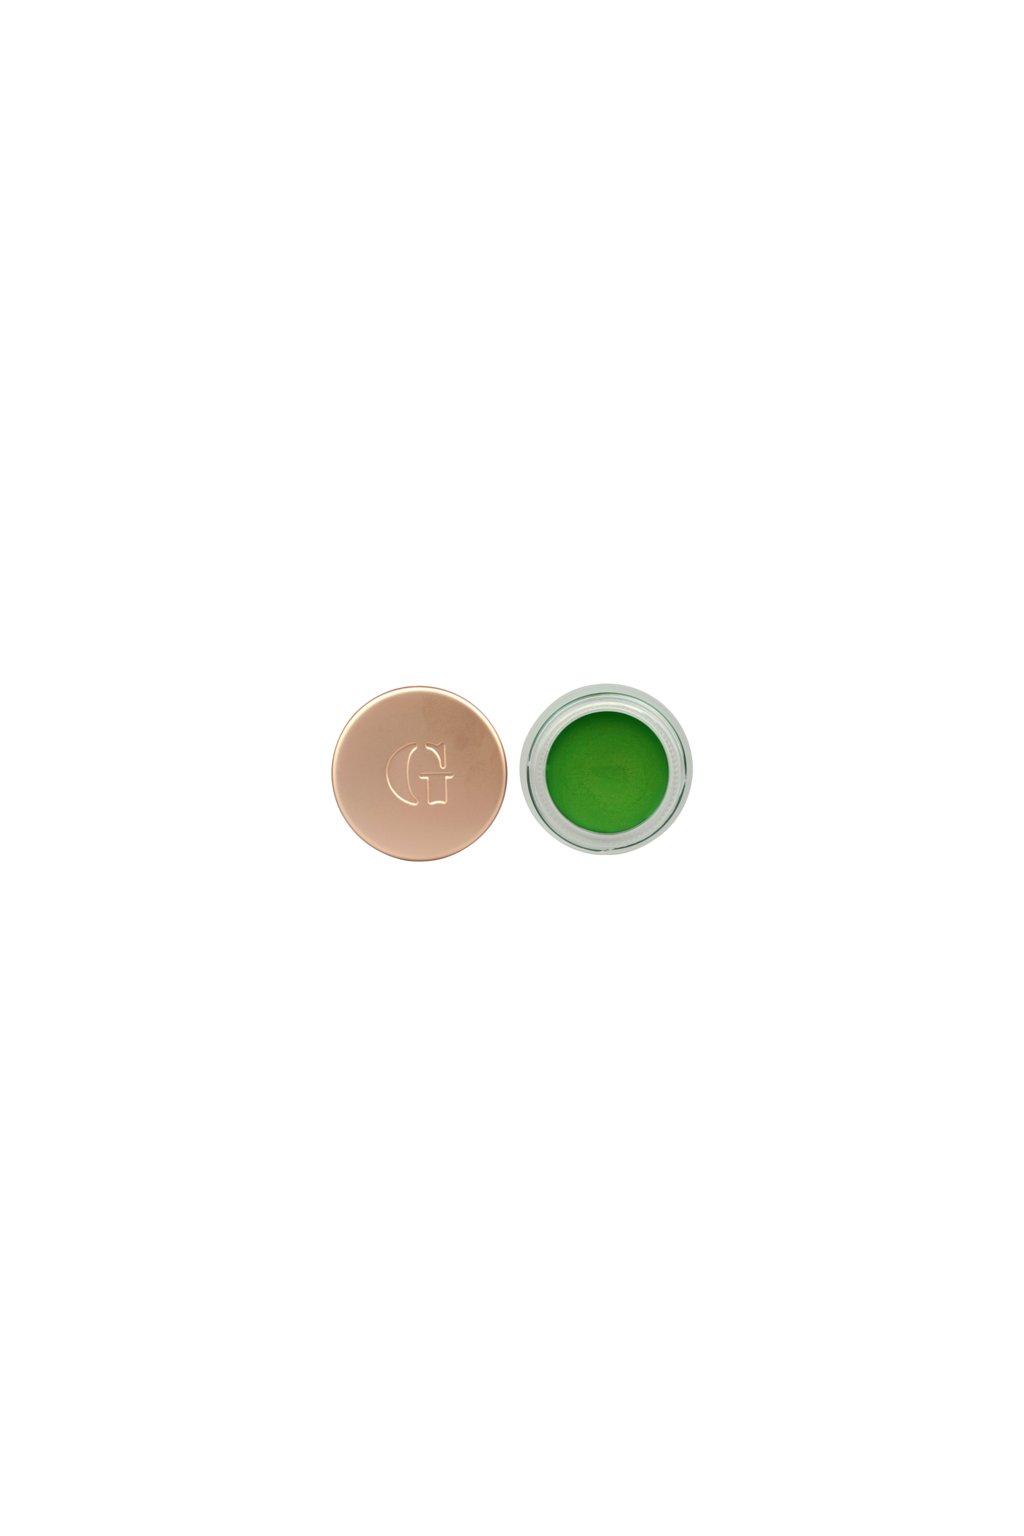 Gressa Eye Tint - Přírodní krémový oční stín s pudrovým efektem Envie 4 g